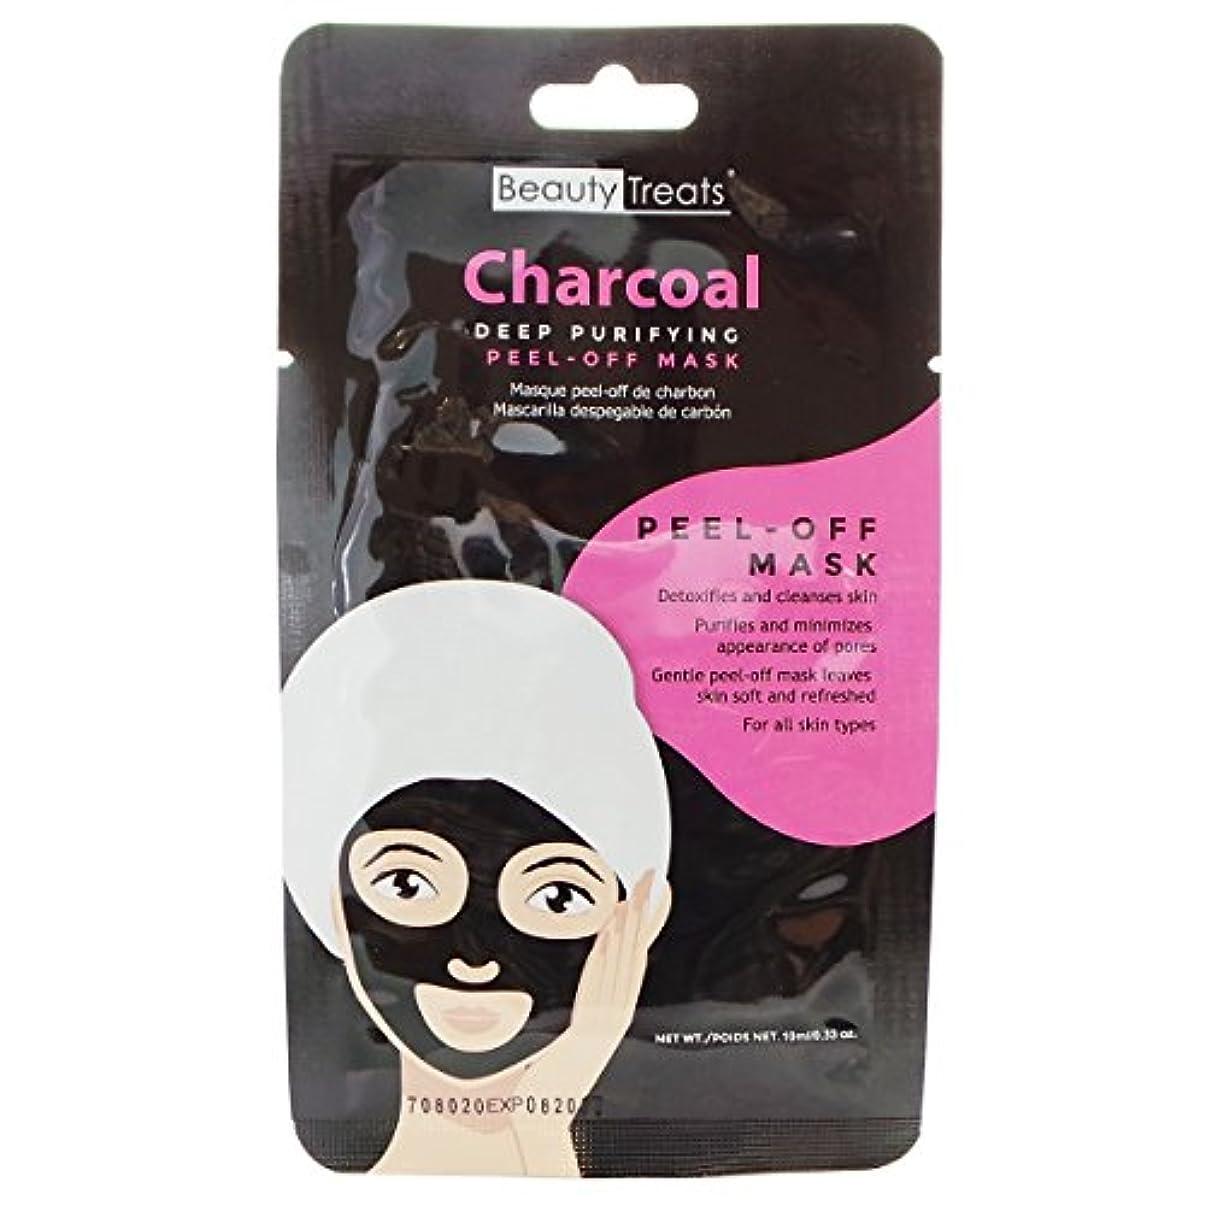 動作主導権エコーBEAUTY TREATS Deep Purifying Peel-Off Charcoal Mask (並行輸入品)